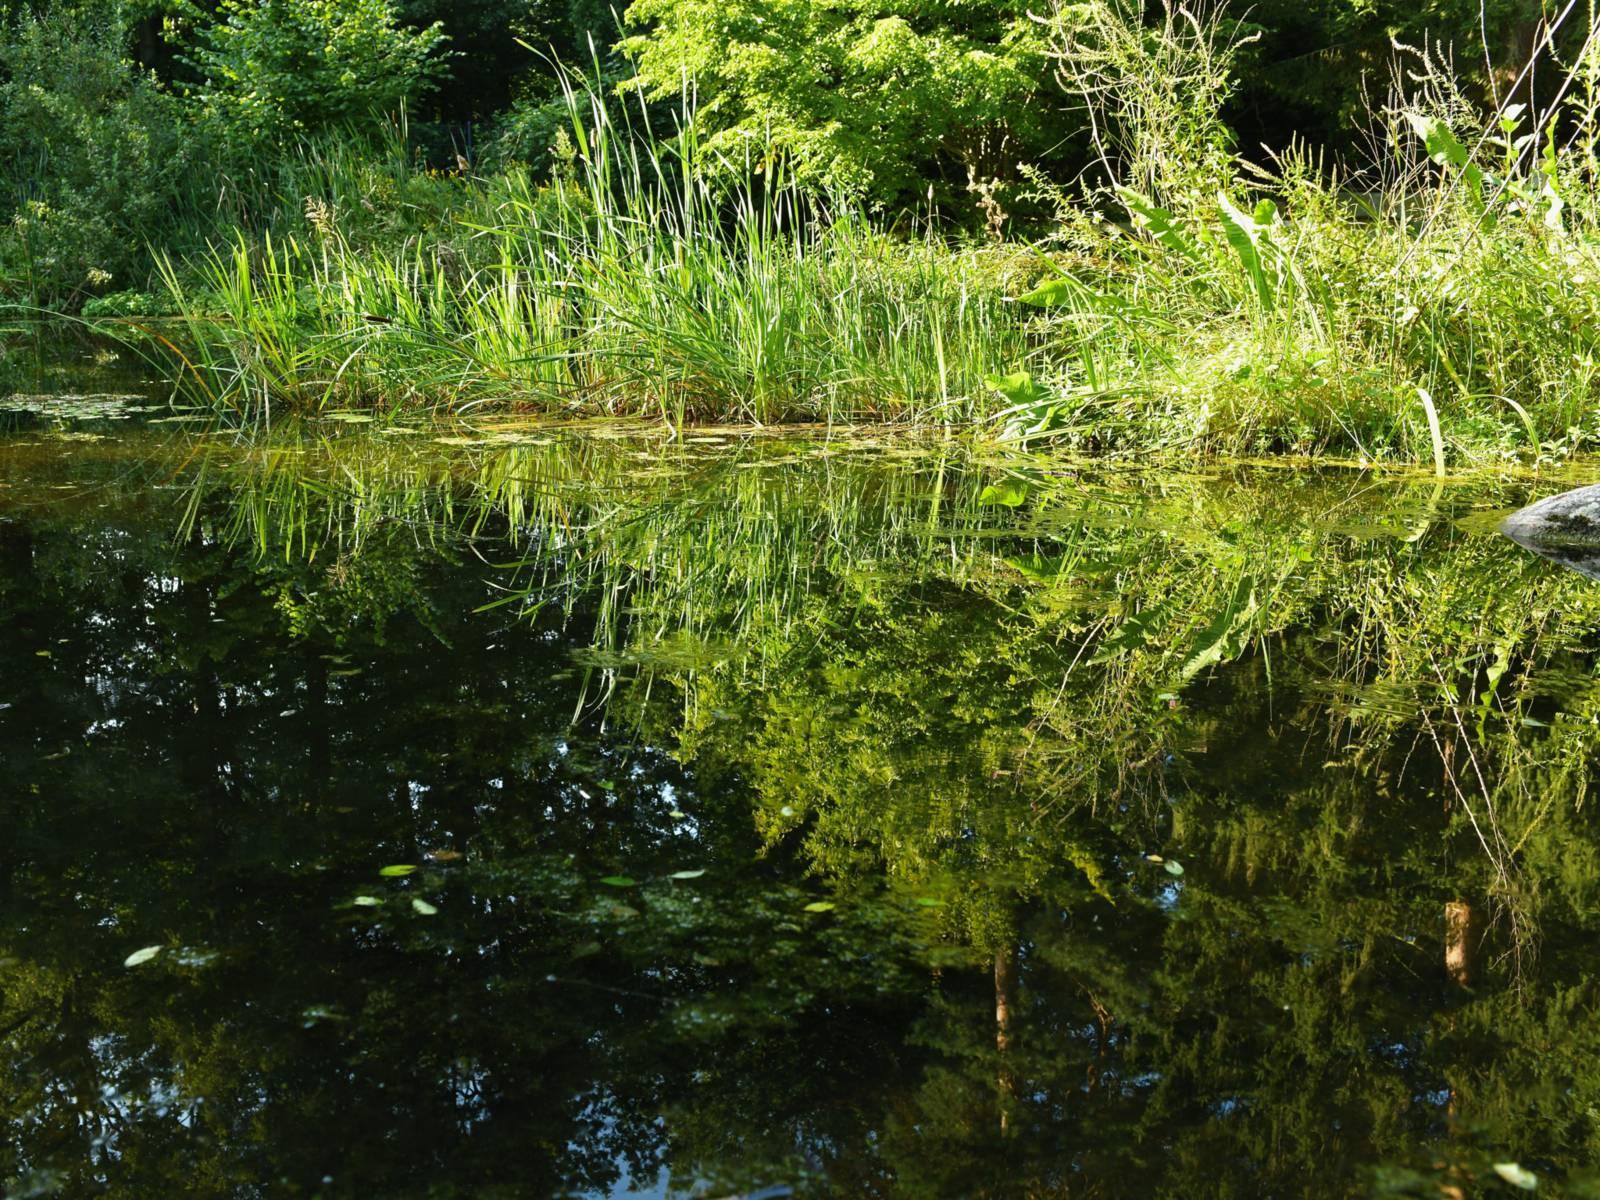 Teich mit Pflanzen, die sich im Wasser spiegeln